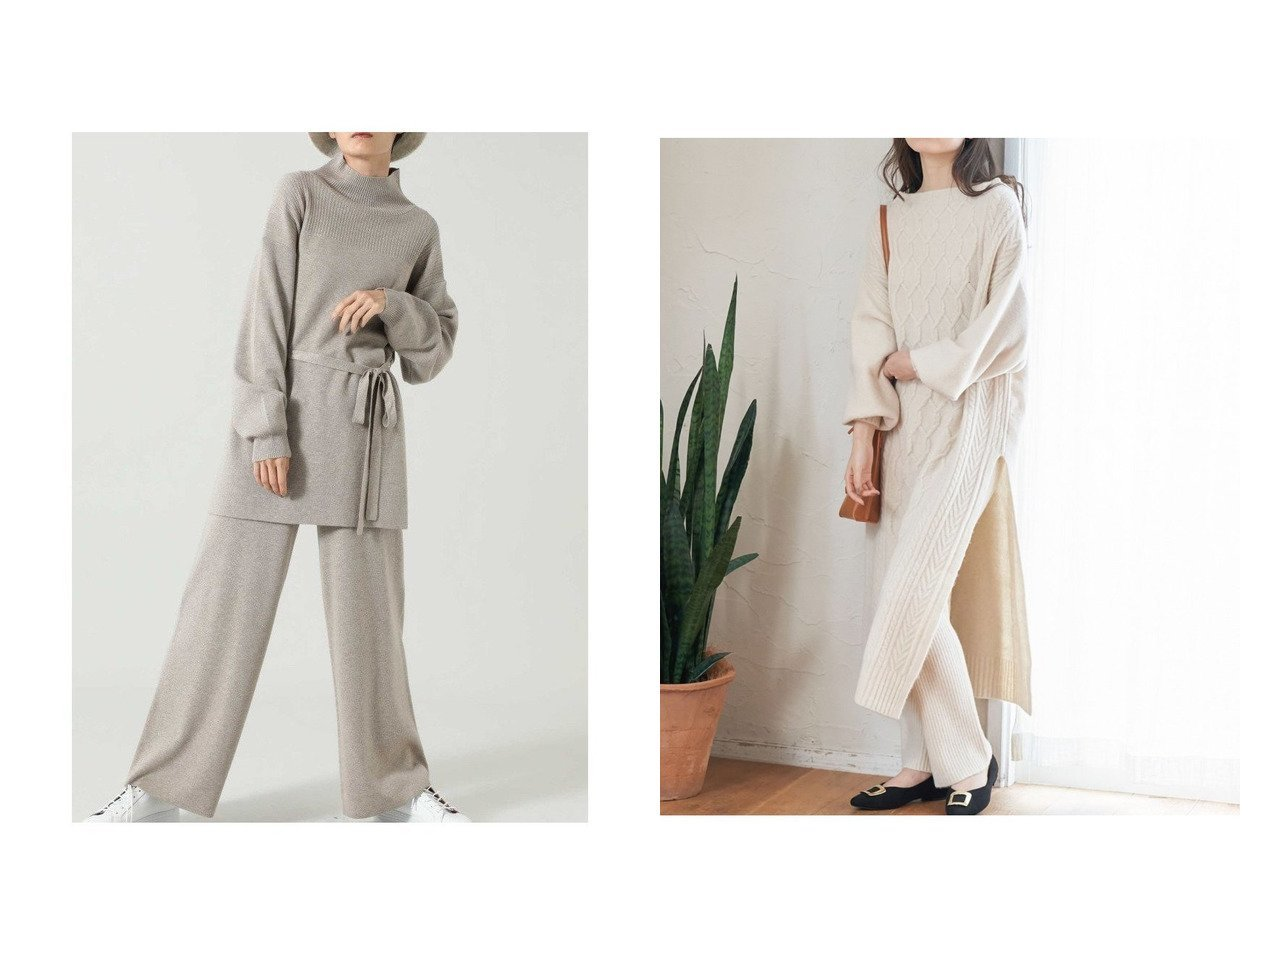 【VIS/ビス】の【SET】ケーブルリブパンツ付きワンピース&【ROSE BUD/ローズバッド】のニットセットアップ ワンピース・ドレスのおすすめ!人気、レディースファッションの通販 おすすめで人気のファッション通販商品 インテリア・家具・キッズファッション・メンズファッション・レディースファッション・服の通販 founy(ファニー) https://founy.com/ ファッション Fashion レディース WOMEN ワンピース Dress カーディガン スリット セットアップ チュニック デニム トレンド パープル フィット プリーツ ベーシック ボトルネック 定番 リラックス |ID:crp329100000002475